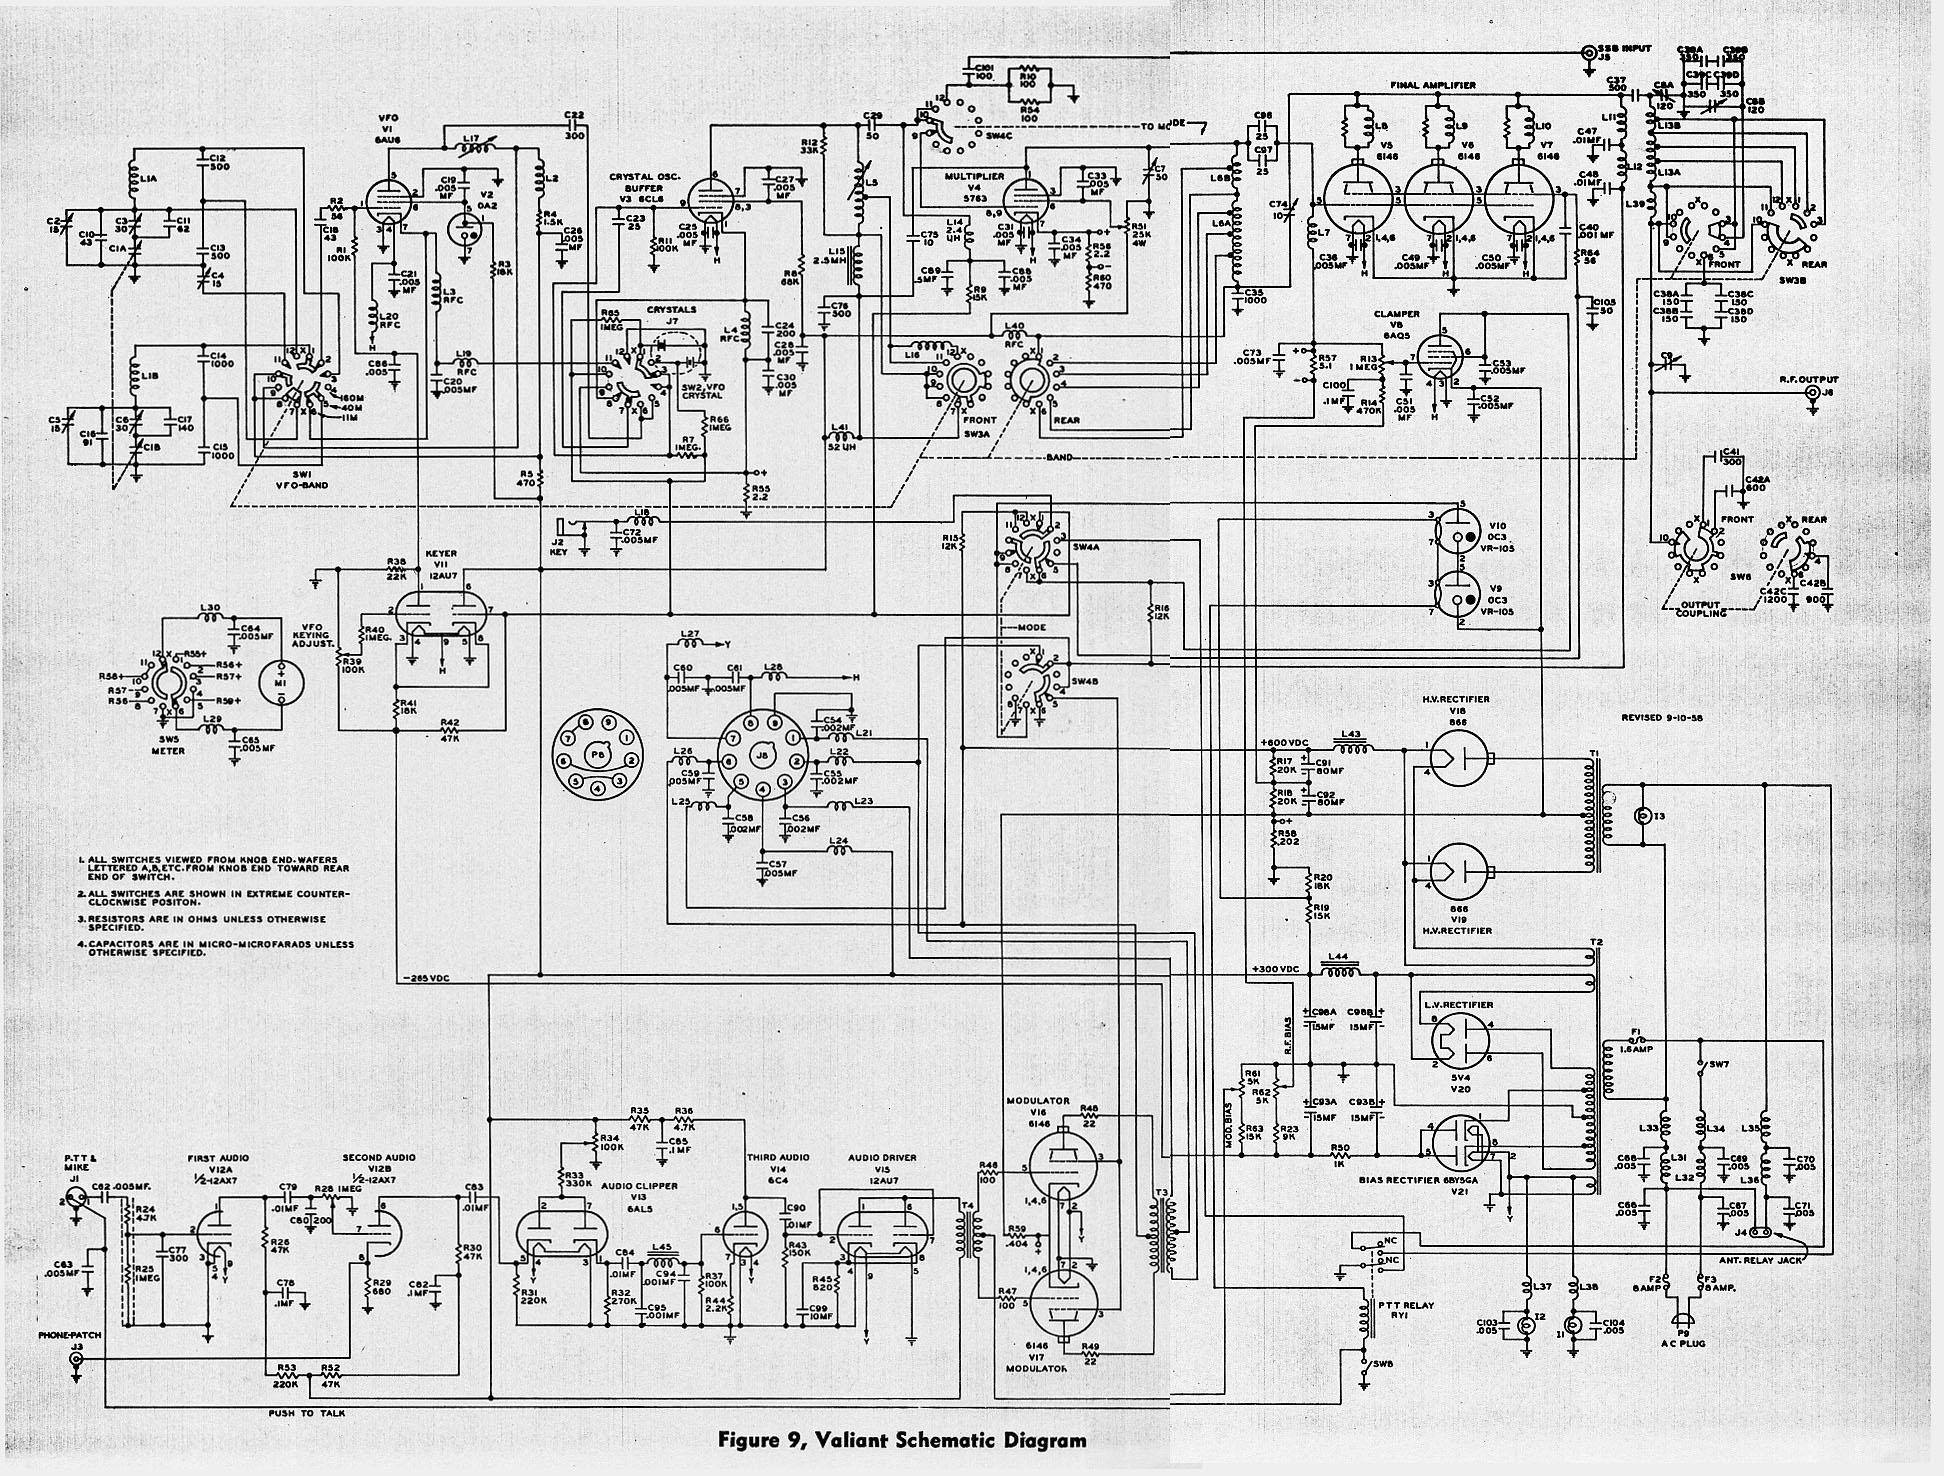 ZK_6331] Viking Oven Wiring Diagram Wiring DiagramOphag Ultr Elec Mohammedshrine Librar Wiring 101